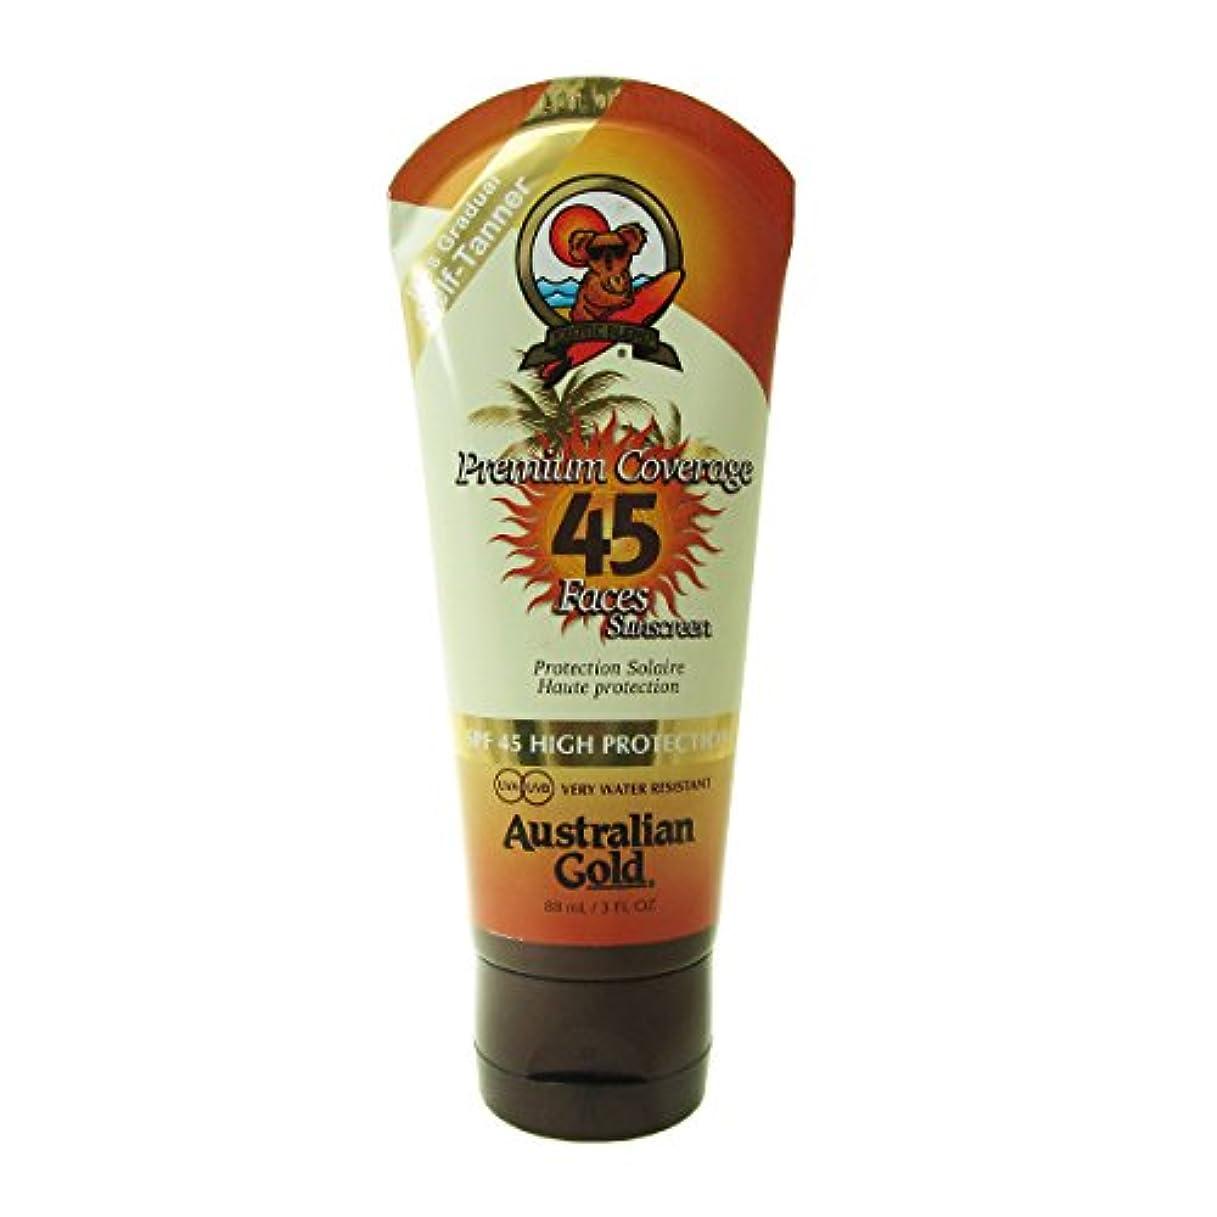 窒素ブレイズセンブランスAustralian Gold Sunscreen Spf 45 With Self-tanner 88ml [並行輸入品]